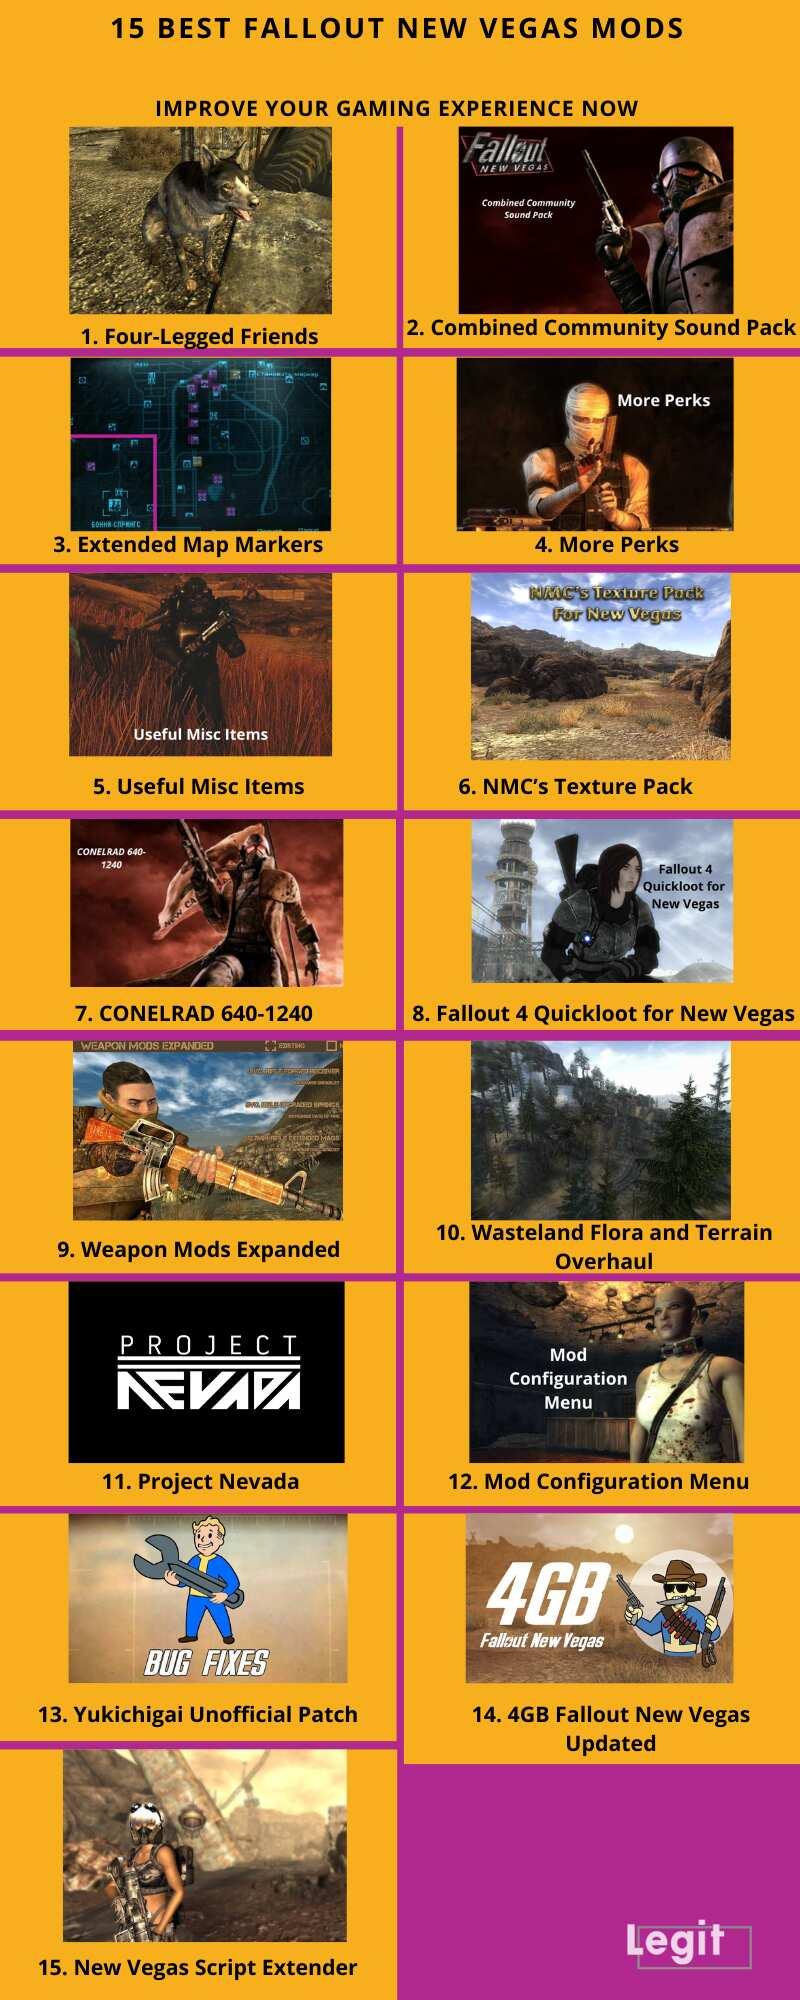 best fallout new vegas mods